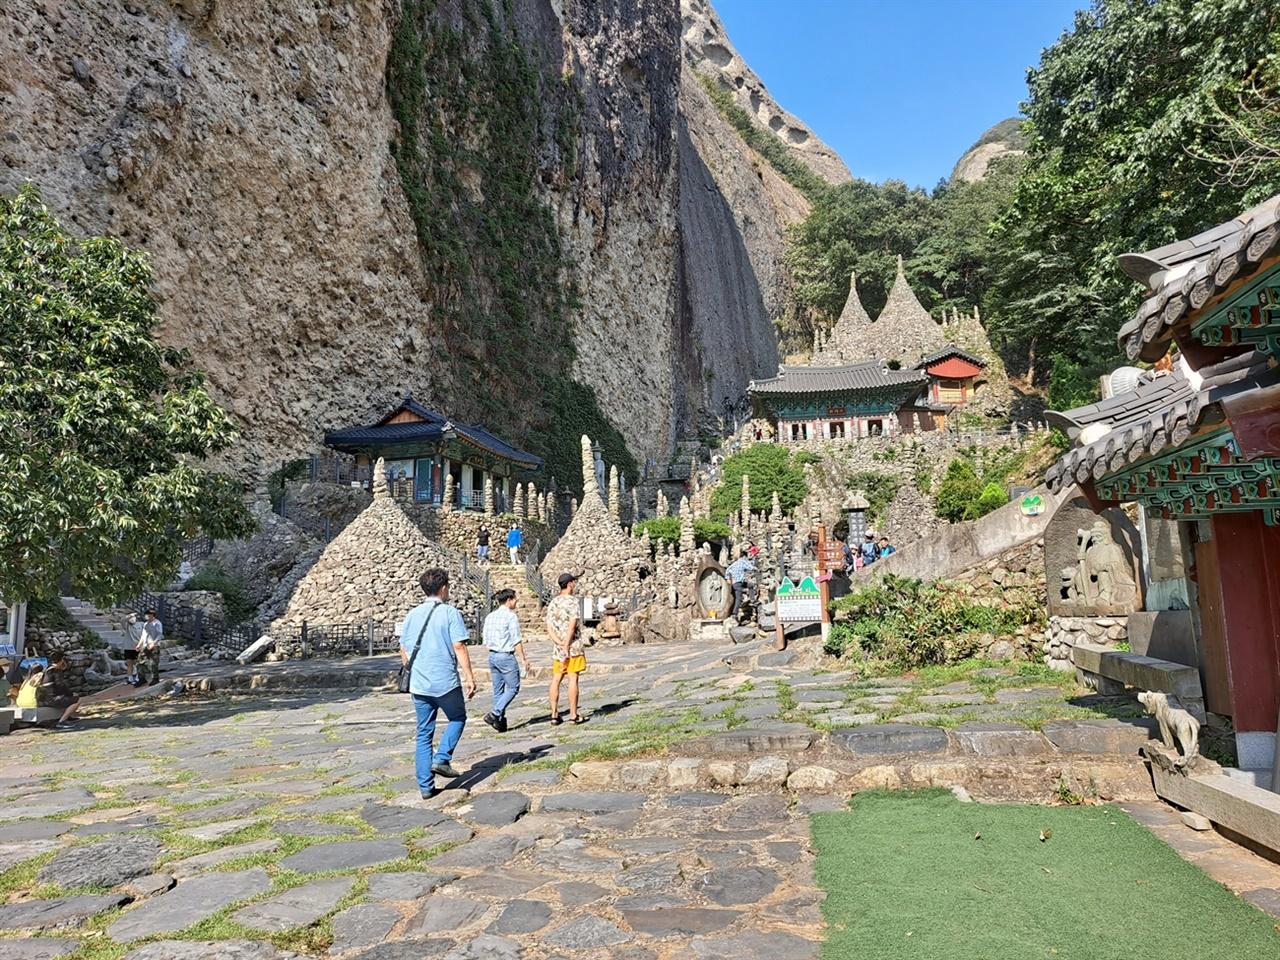 마이산의 남쪽 봉우리 중턱 급경사면은 움푹 패여 있다.